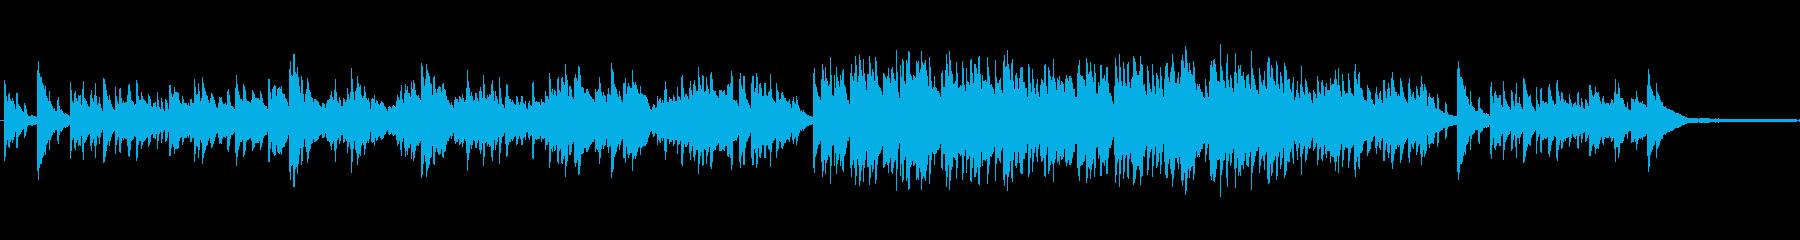 ポップスのバラード風ピアノインの再生済みの波形